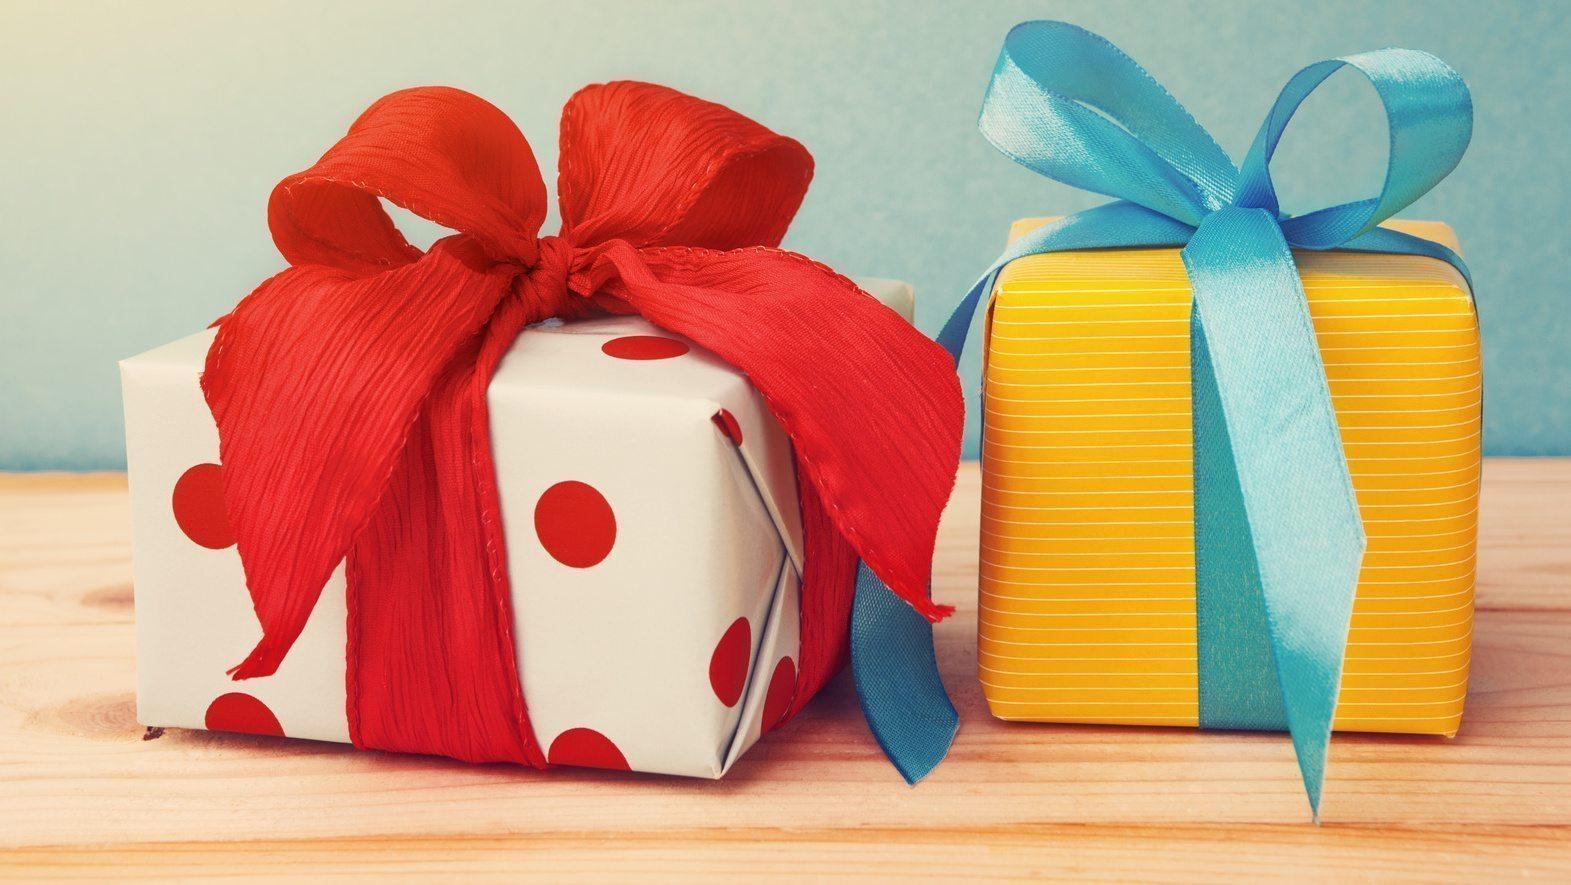 Geschenk fur brautigam von trauzeugen